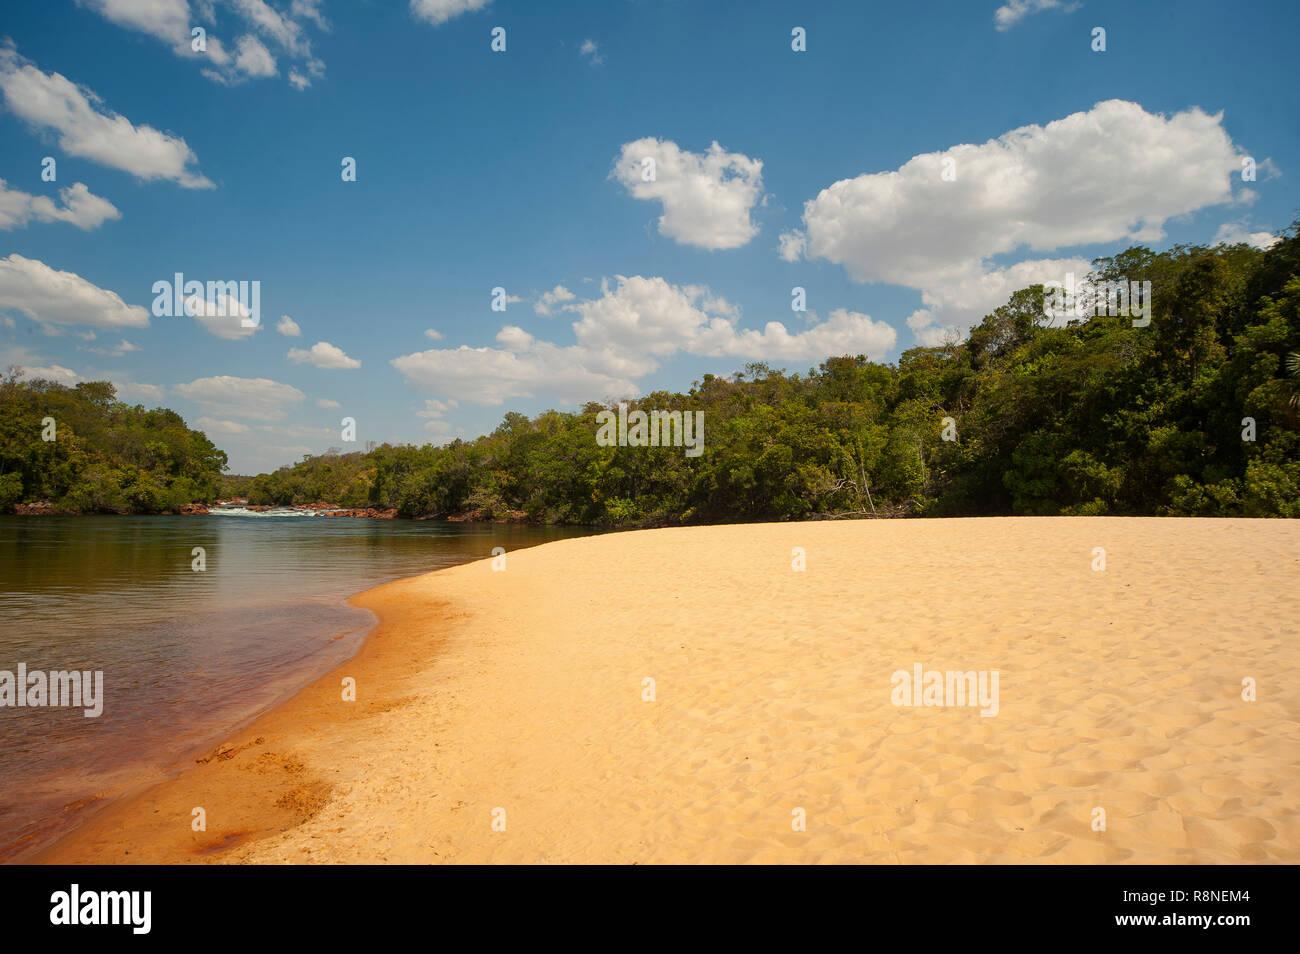 Prainha do Rio Novo, Jalapão, Tocantins Estate, Brazil - Stock Image